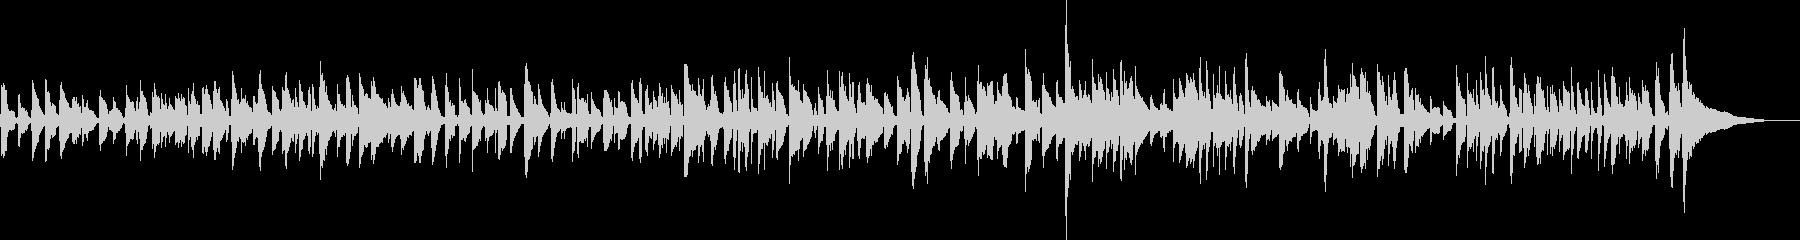 生ギター ウキウキ ウォーキング ソロの未再生の波形